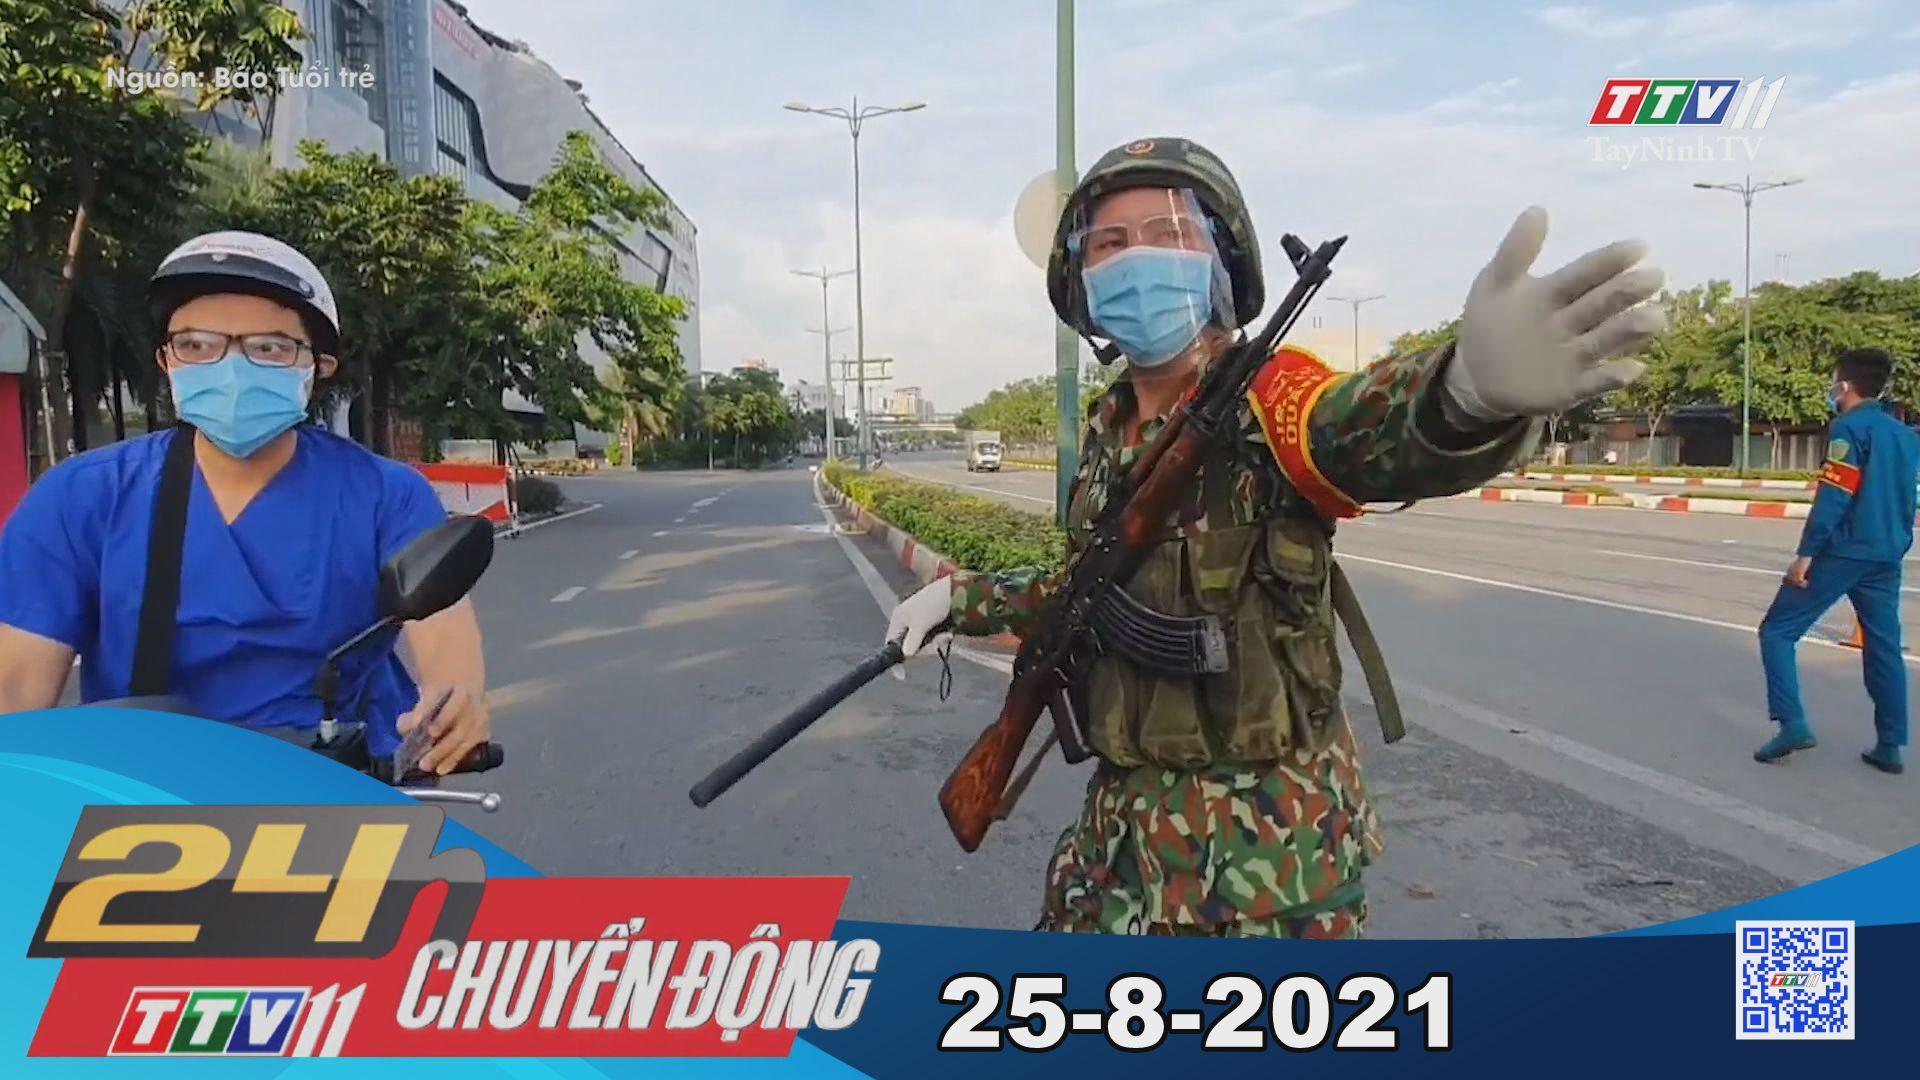 24h Chuyển động 25-8-2021 | Tin tức hôm nay | TayNinhTV